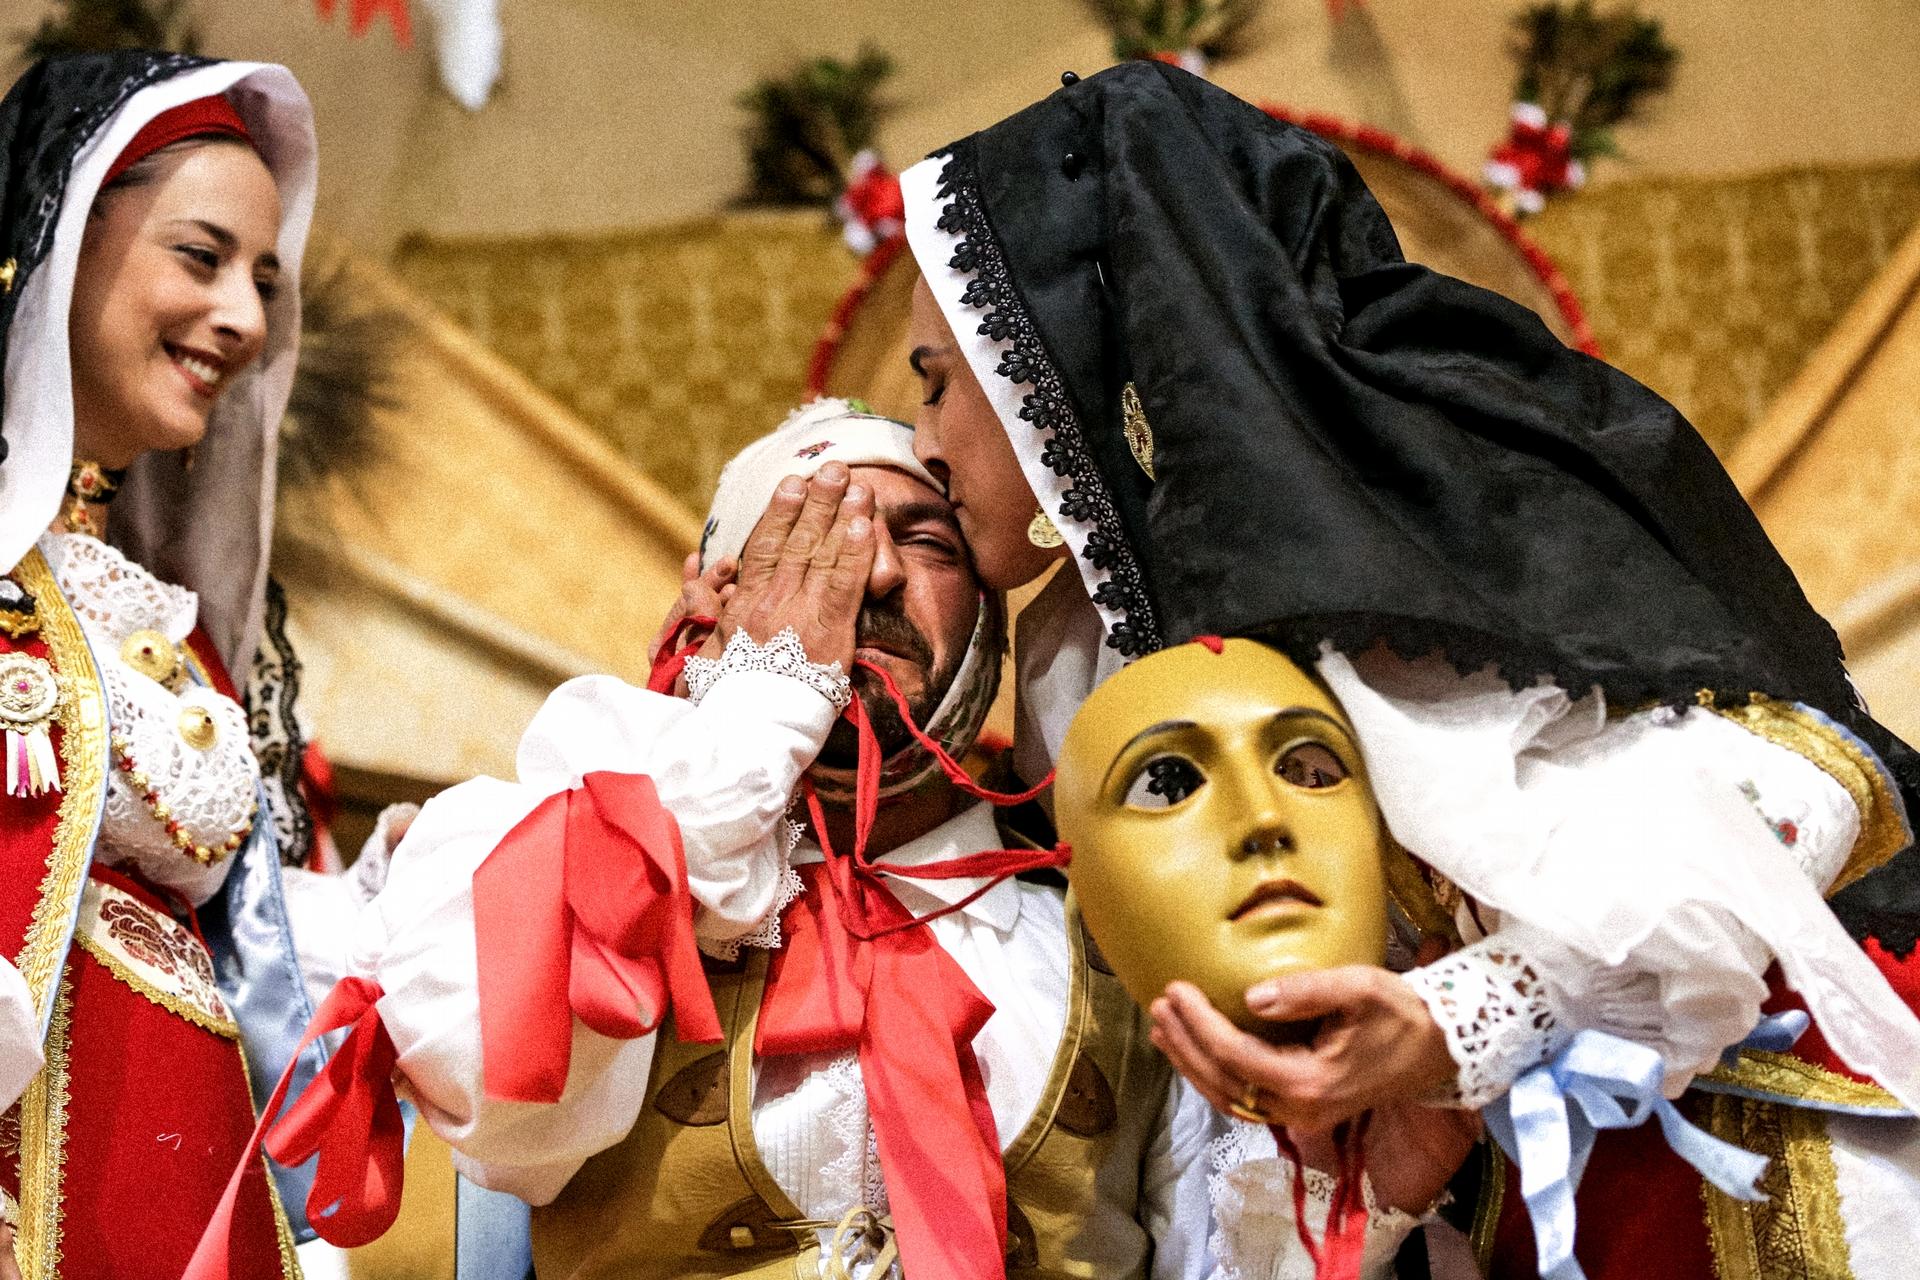 回到地上 - 能成為「康波里多利」不僅是薩爾提里亞騎士最崇高的榮譽,也是許多居民的終身夢想。當選人只要戴上面具,就會化身為「康波里多利」。此時他的個人身分已不重要,因為他已變成奧里斯塔諾文化中最具代表性的人物。「康波里多利」必須全天禁食,雙腳也不能觸地;據說這麼能為社區帶來福祉和繁榮,並驅逐飢荒和瘟疫。照片中,塞吉歐.萊達在慶典結束後摘下面具,並返回「現實」。 他的妹妹埃利奧諾拉.萊達(Eleonora Ledda)為他獻上一個吻。埃利奧諾拉本身也是名隨著隊伍前進的「馬薩伊達斯」。 PHOTOGRAPH BY MICHELE ARDU